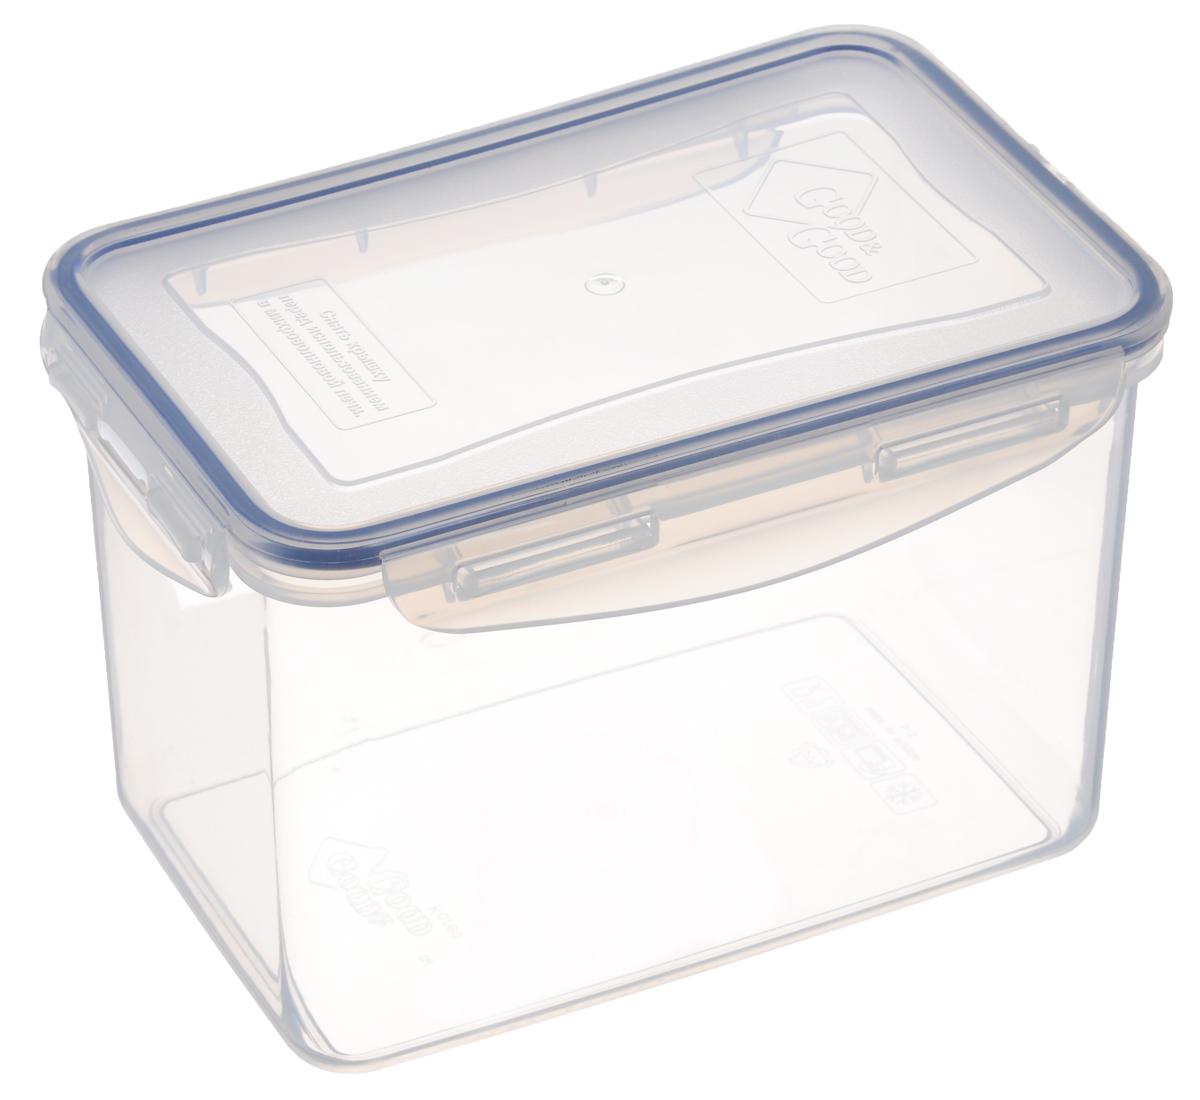 Контейнер для пищевых продуктов Good&Good, цвет: полупрозрачный, синий, 2,2 л. 3-33-3_полупрозрачный, синийКонтейнер Good&Good, изготовленный из высококачественного полипропилена, предназначен для хранения любых пищевых продуктов. Крышка с силиконовой вставкой герметично защелкивается специальным механизмом. Изделие устойчиво к воздействию масел и жиров, легко моется. Полупрозрачные стенки позволяют видеть содержимое. Контейнер имеет возможность хранения продуктов глубокой заморозки, обладает высокой прочностью. Контейнер Good&Good удобен для ежедневного использования в быту. Можно мыть в посудомоечной машине и использовать в холодильнике и микроволновой печи. Размер контейнера (с учетом крышки): 20 х 13,5 х 13 см.